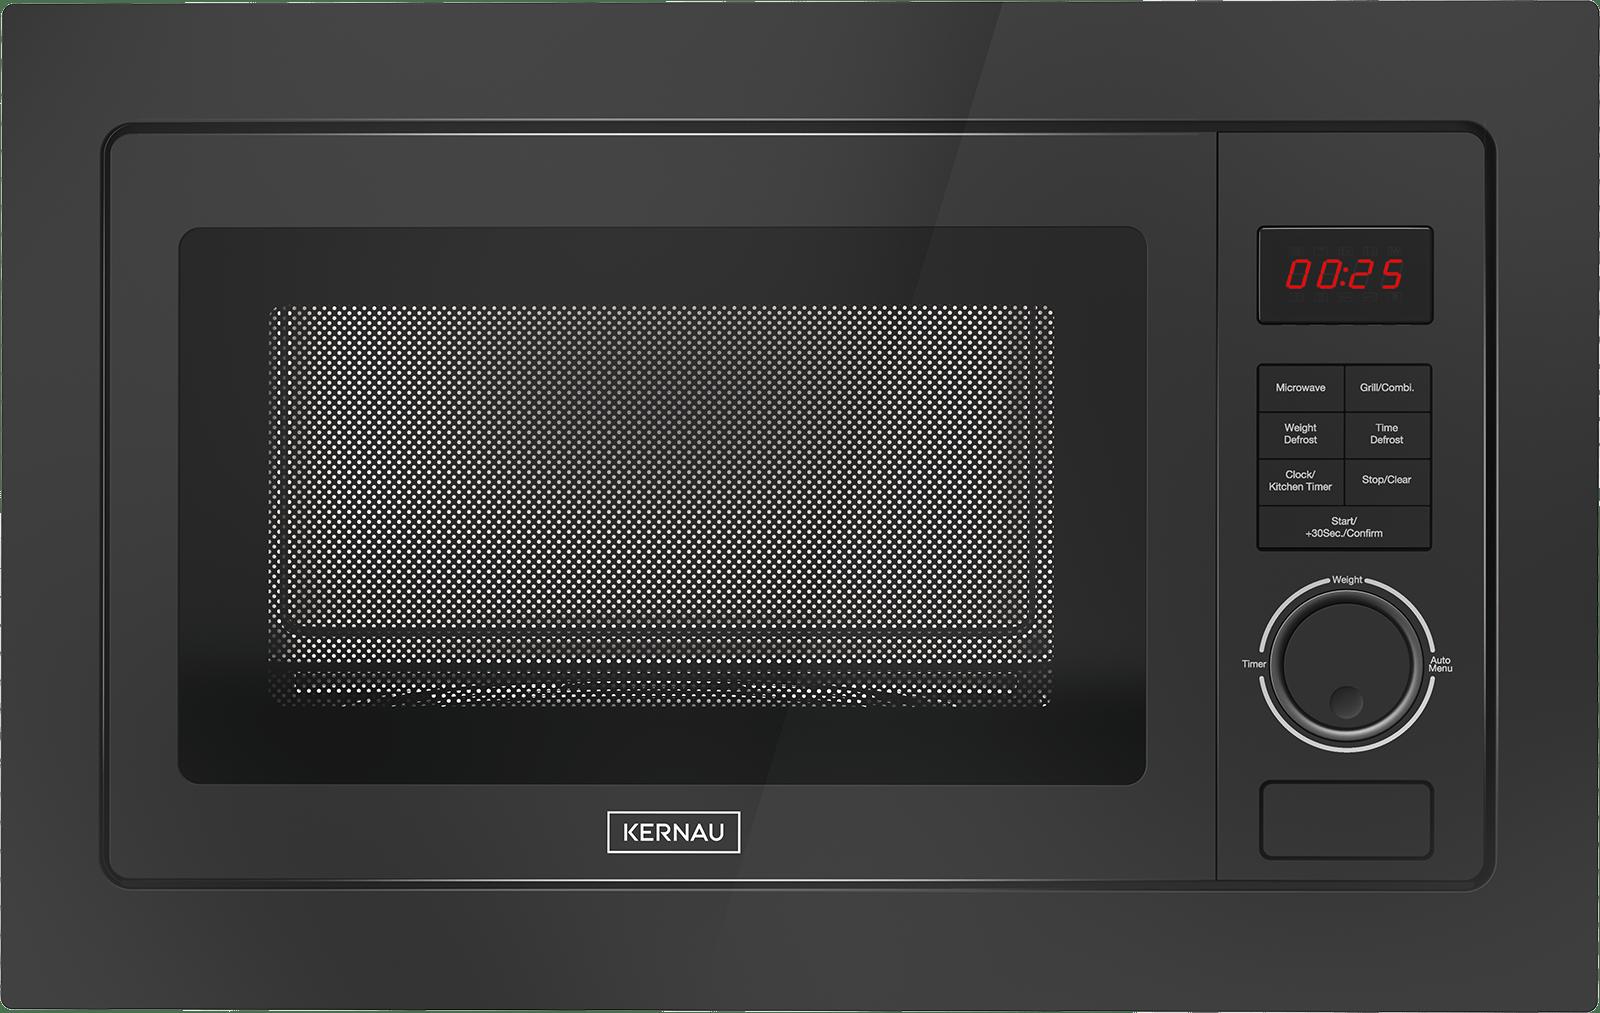 Kuchenka Mikrofalowa Kernau Kmo 251 G B Czarna